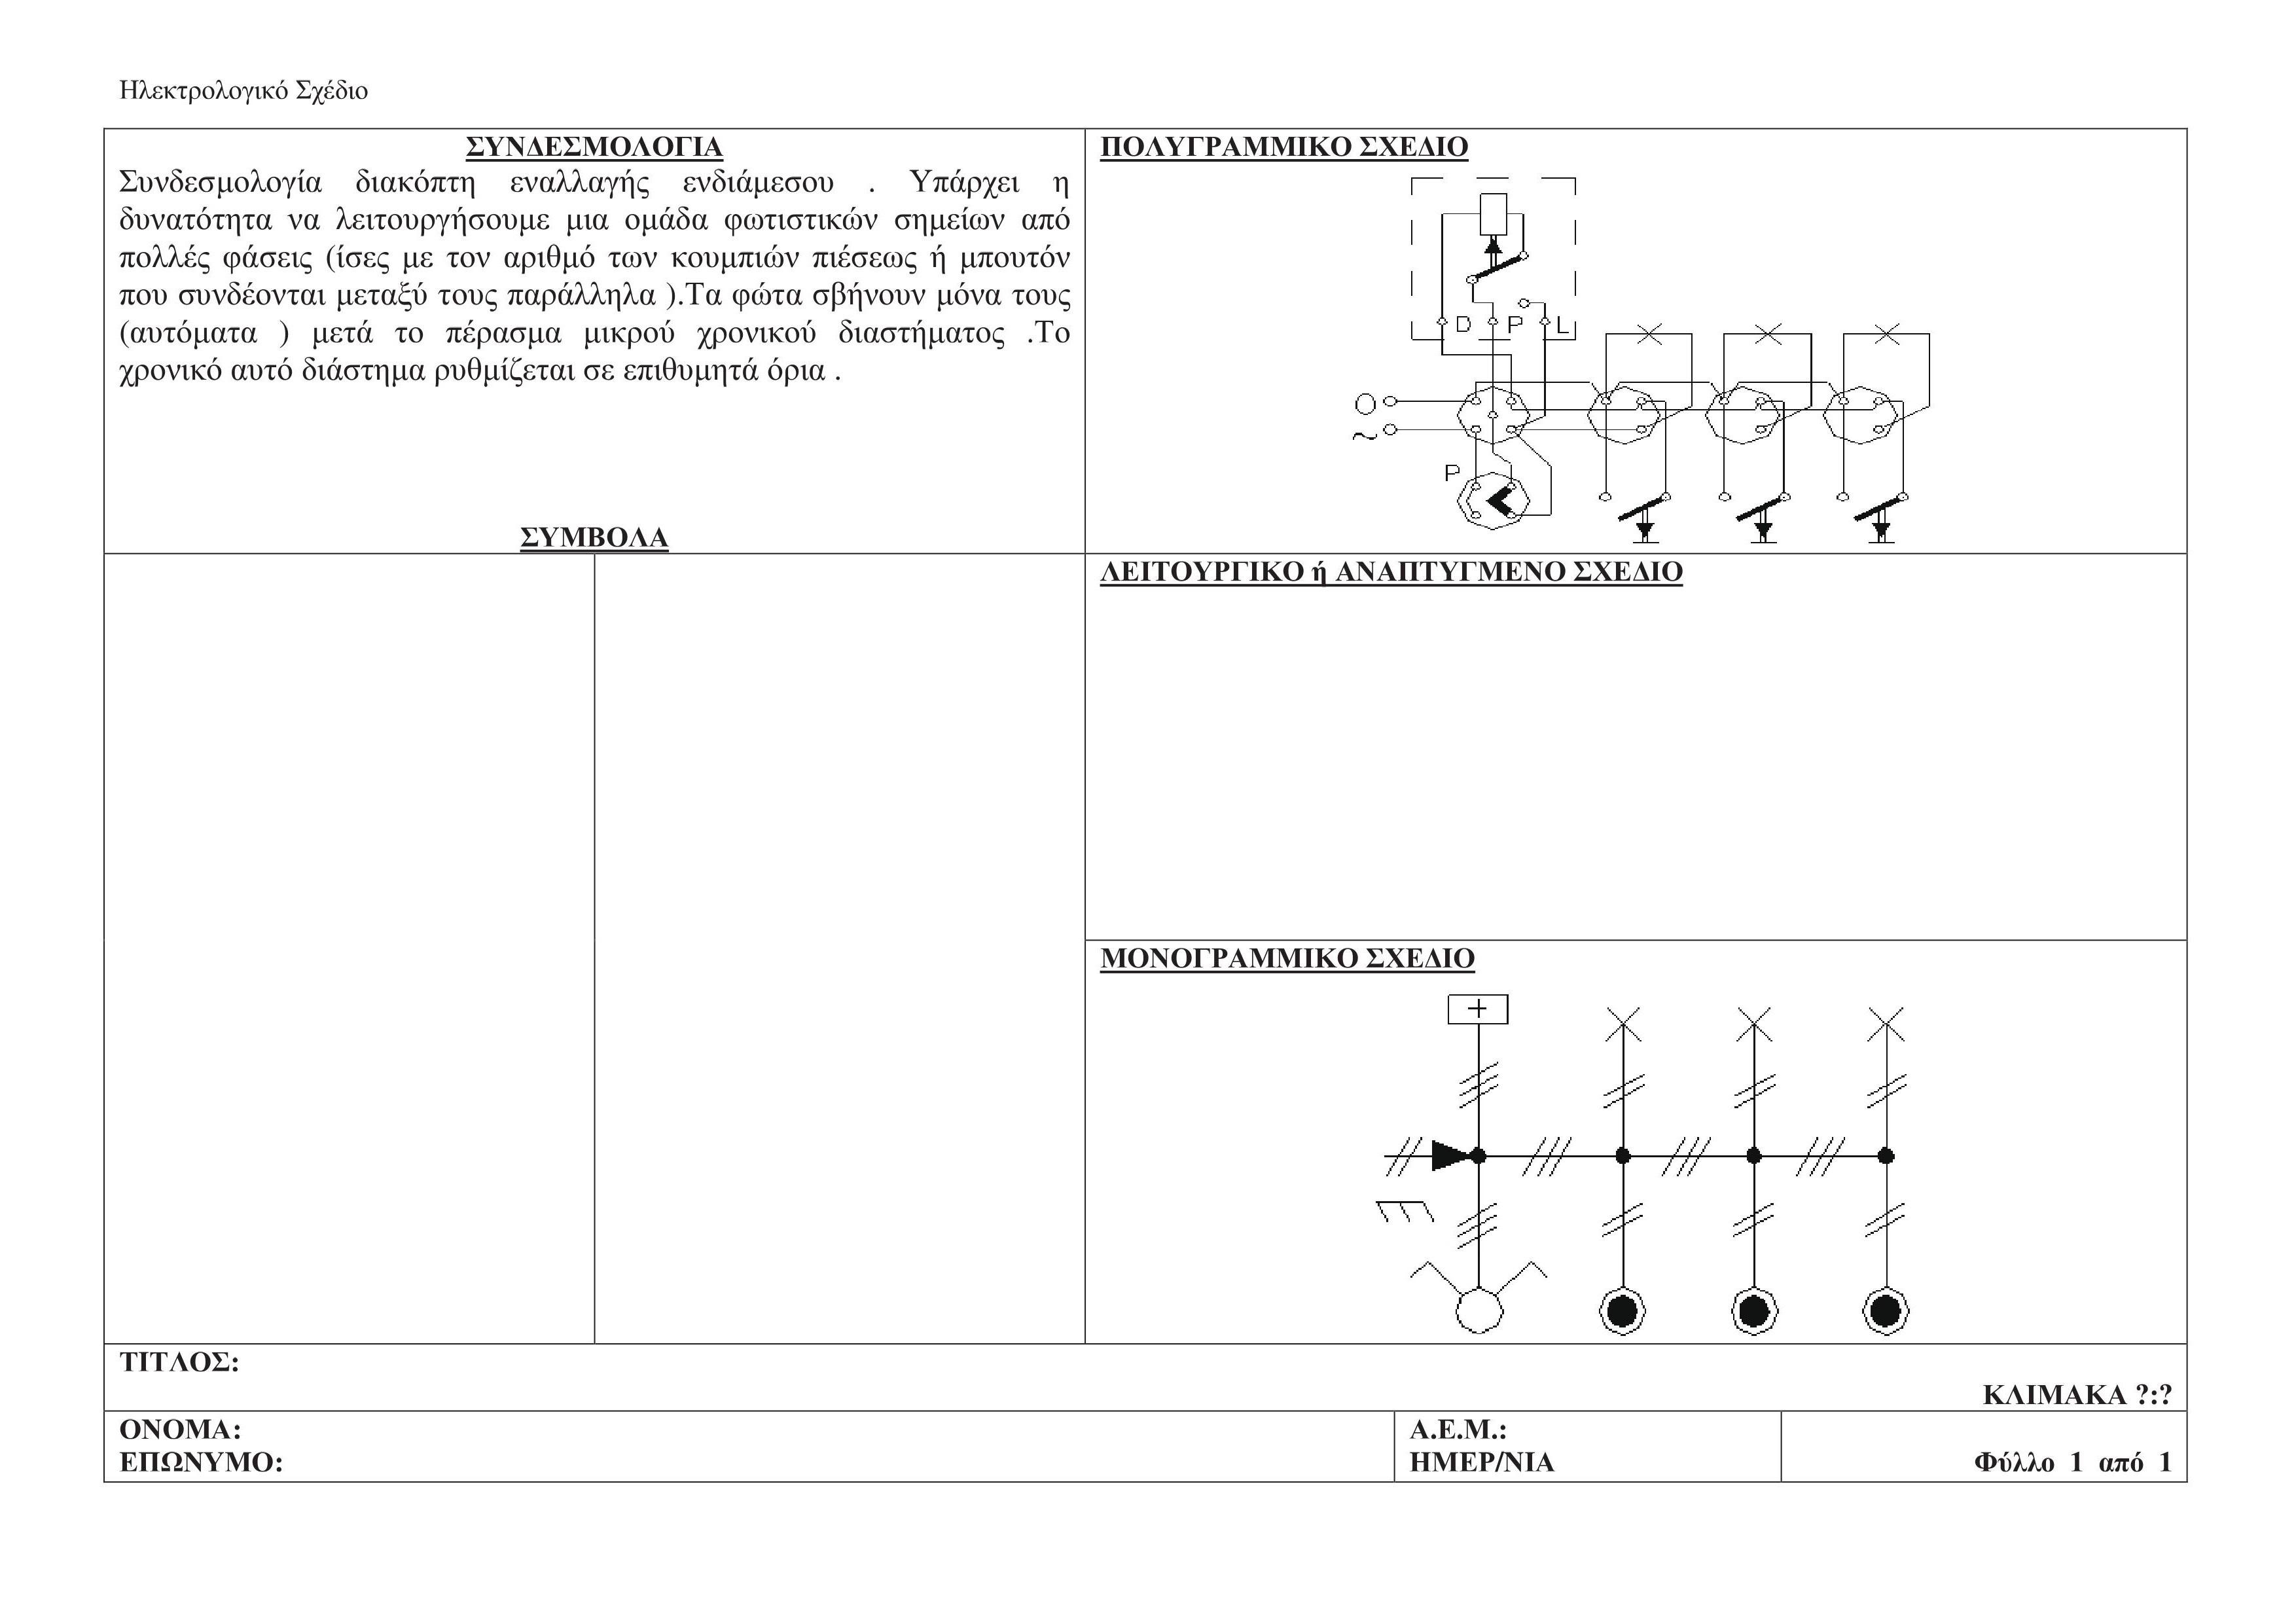 Ηλεκτρολογικό Σχέδιο